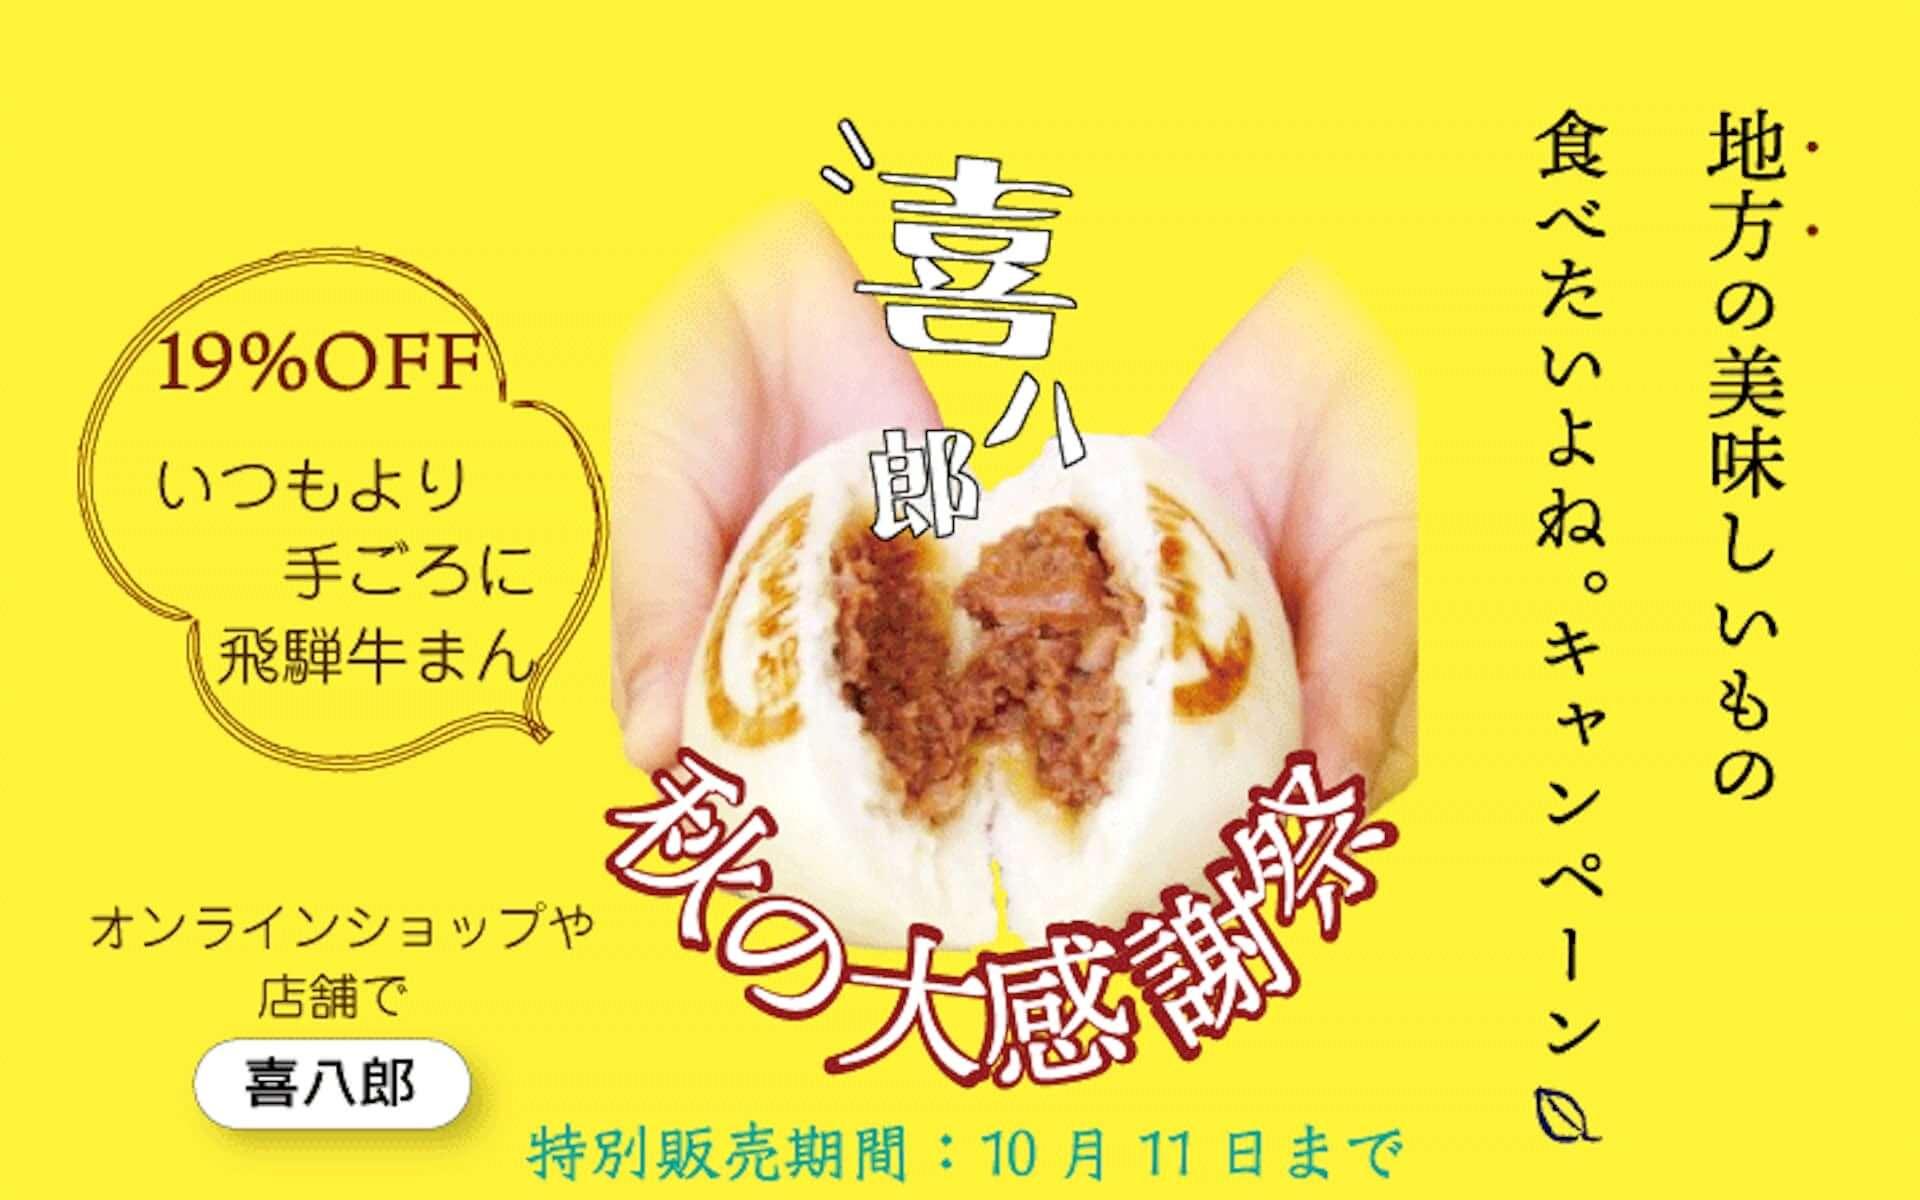 飛騨牛まんを堪能できる秋のお取り寄せグルメが19%OFFの特別価格で発売!喜八郎が期間限定キャンペーンを開始 gourmet200928_kihachiro_4-1920x1200